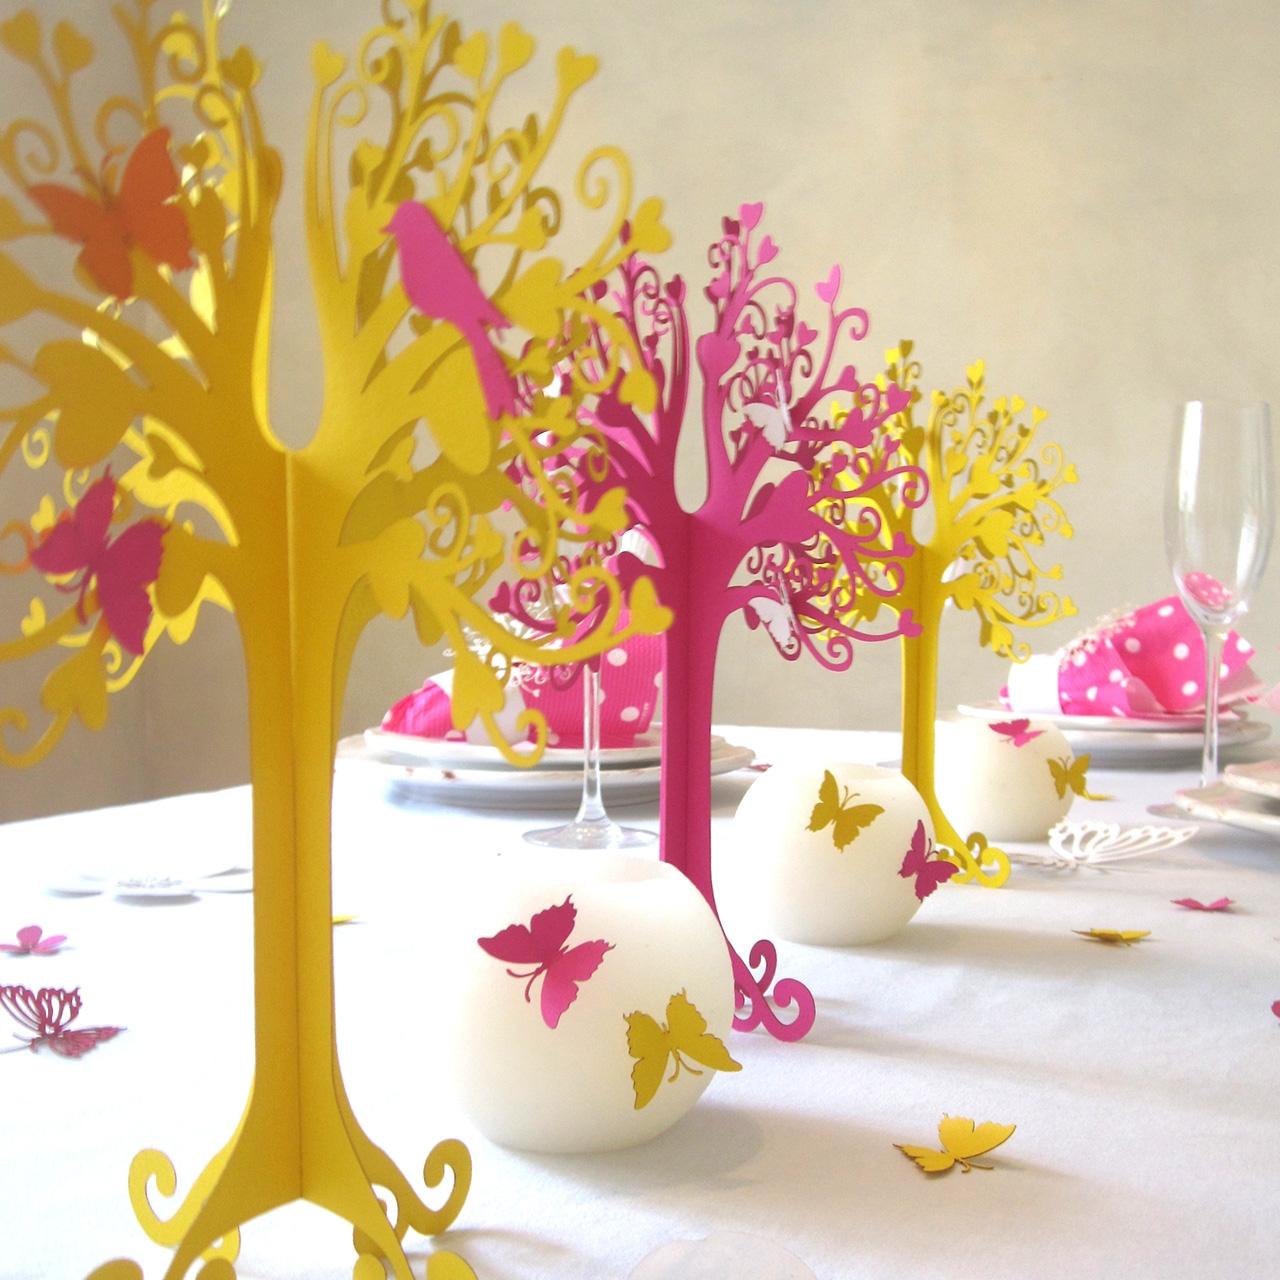 Tischdeko Herzbaum Gelb Pink Herzbaum Tischdeko Baume